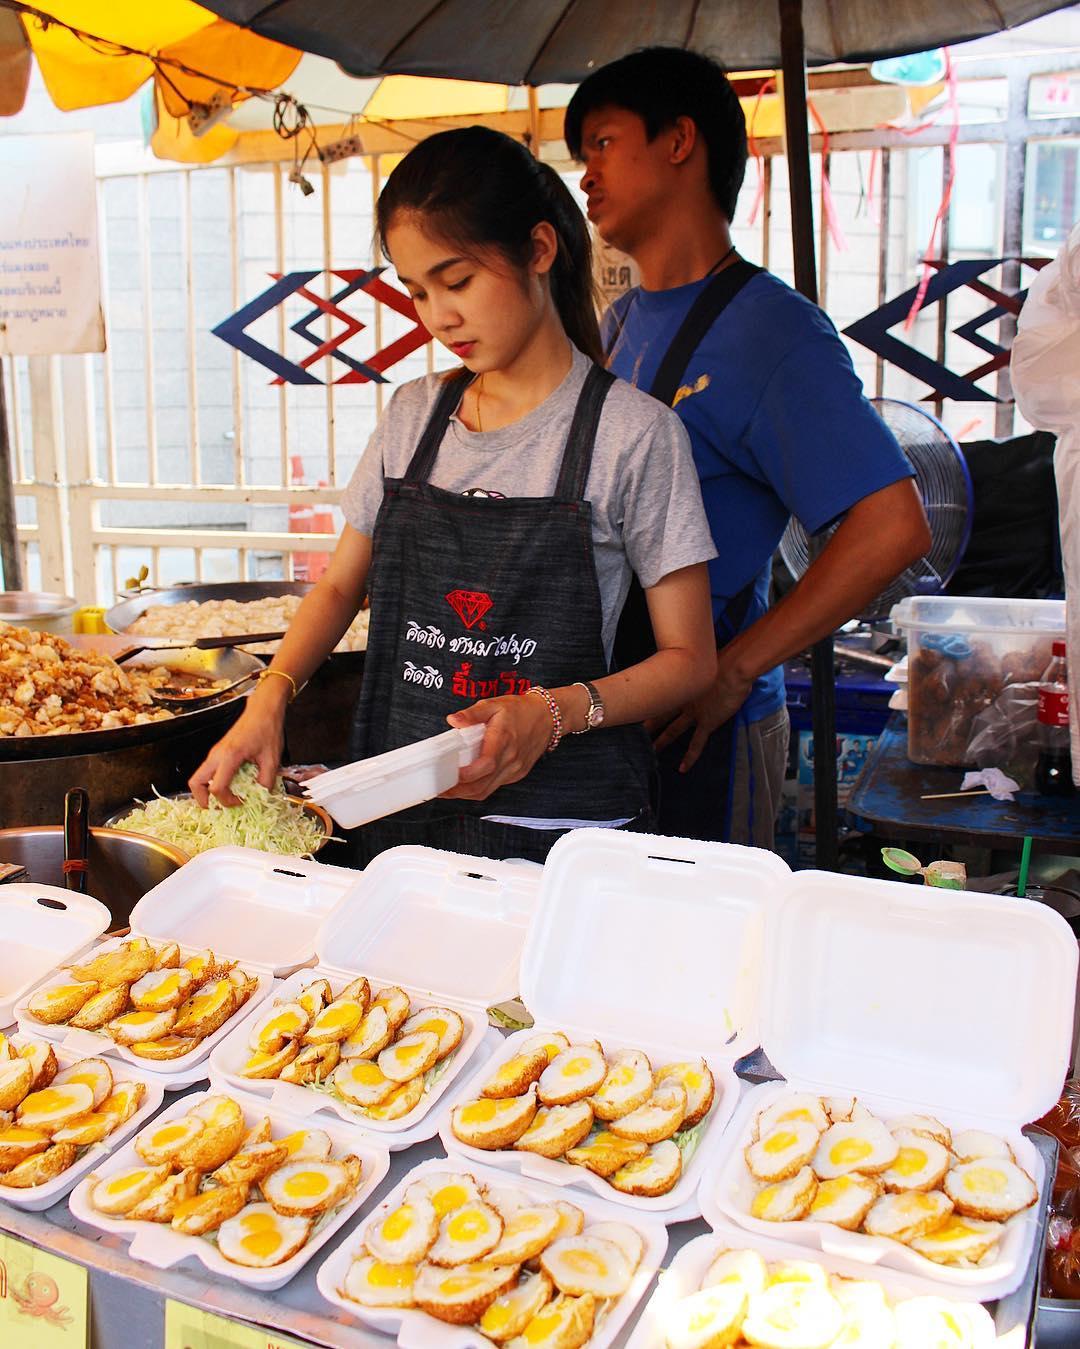 MINI EGGS ?? Le marché de Chatuchak : le plus Grand marché de Bangkok ! Idéal pour vos souvenirs ??? ______ ? #pintadethailande ➕CityTrip | THAÏLANDE?? ? Articles sur le blog (lien dans ma bio) ______ #thailande #thailand #bangkok #kohphiphi #krabi #kohlanta #kohsamui #kohphangan #kohtao #cityguide #cityTrip #travel #blogTravel #TravelBlog #voYage #blogVoyage #frenchBlogger #blogueuse #blog #pintademontpellier #temple #streetfood #food #foodlover #blogfood #chatuchak #chatuchakweekendmarket